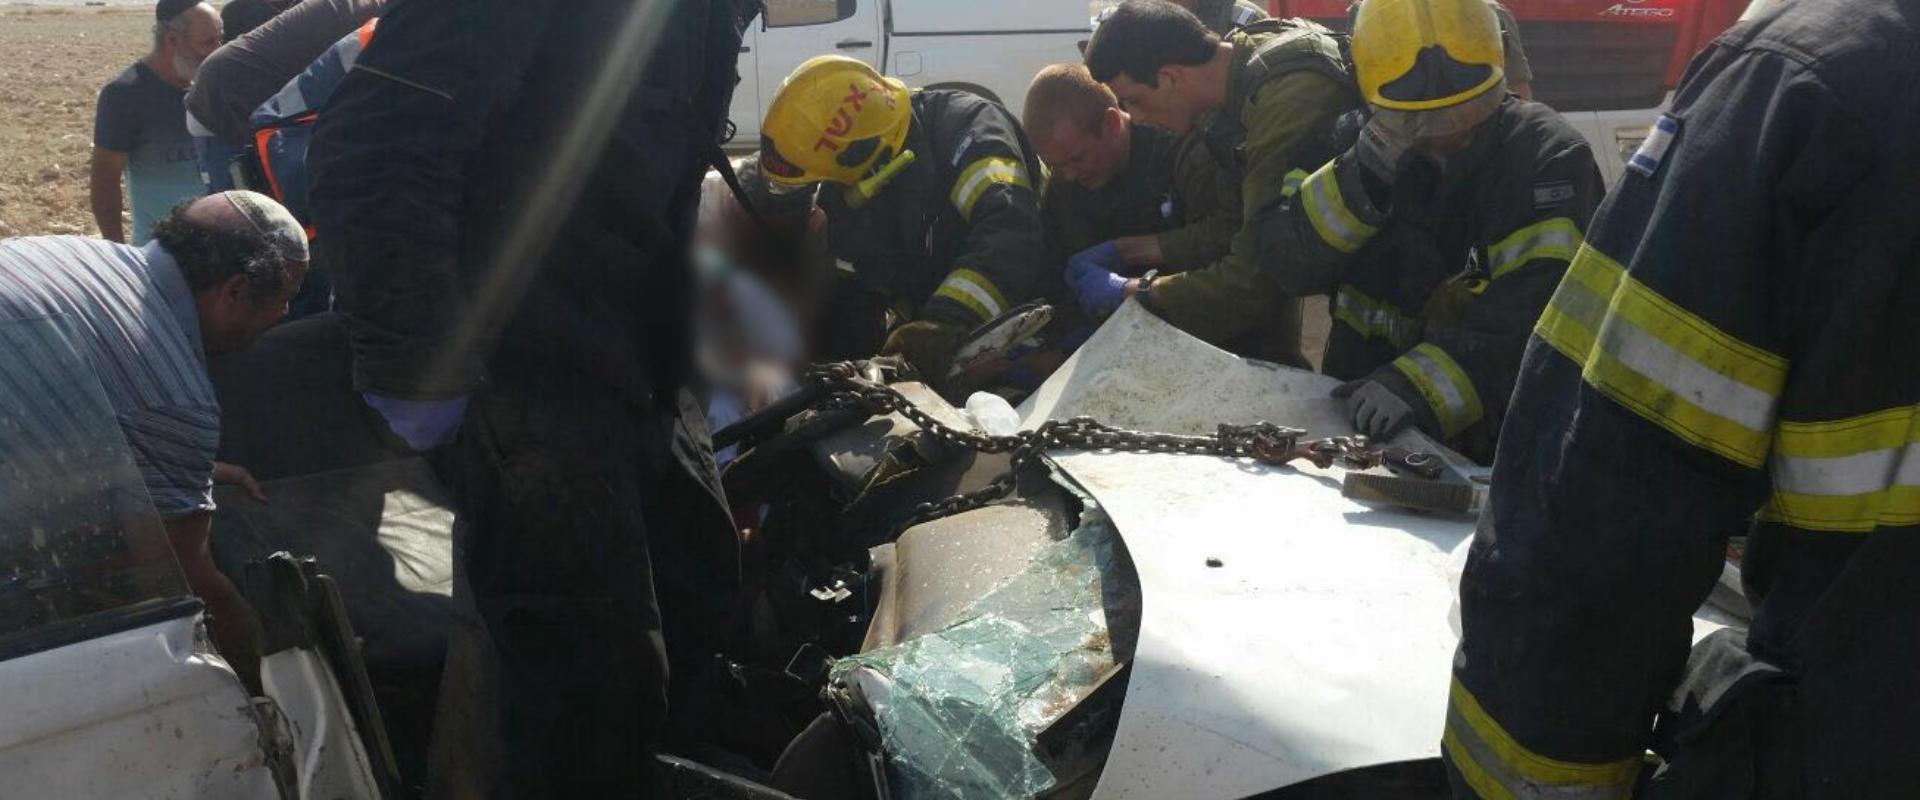 כוחות הצלה בזירת התאונה